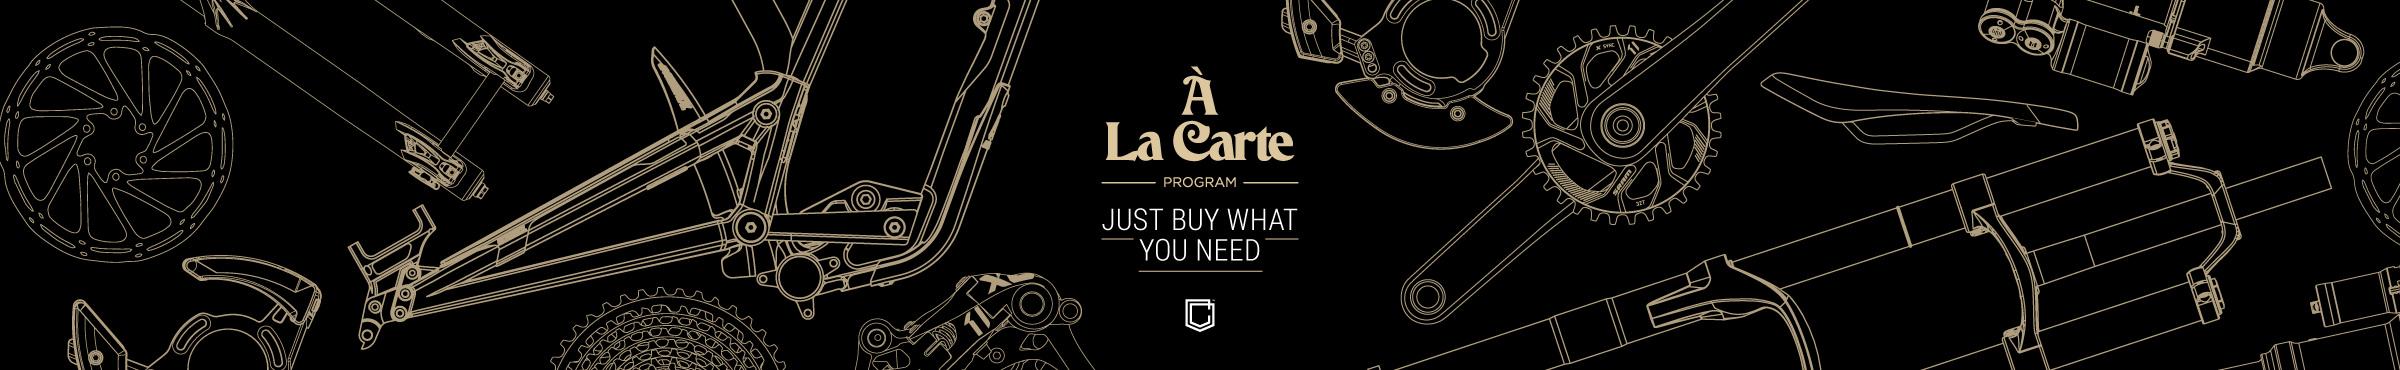 Программа A La Carte от Commencal